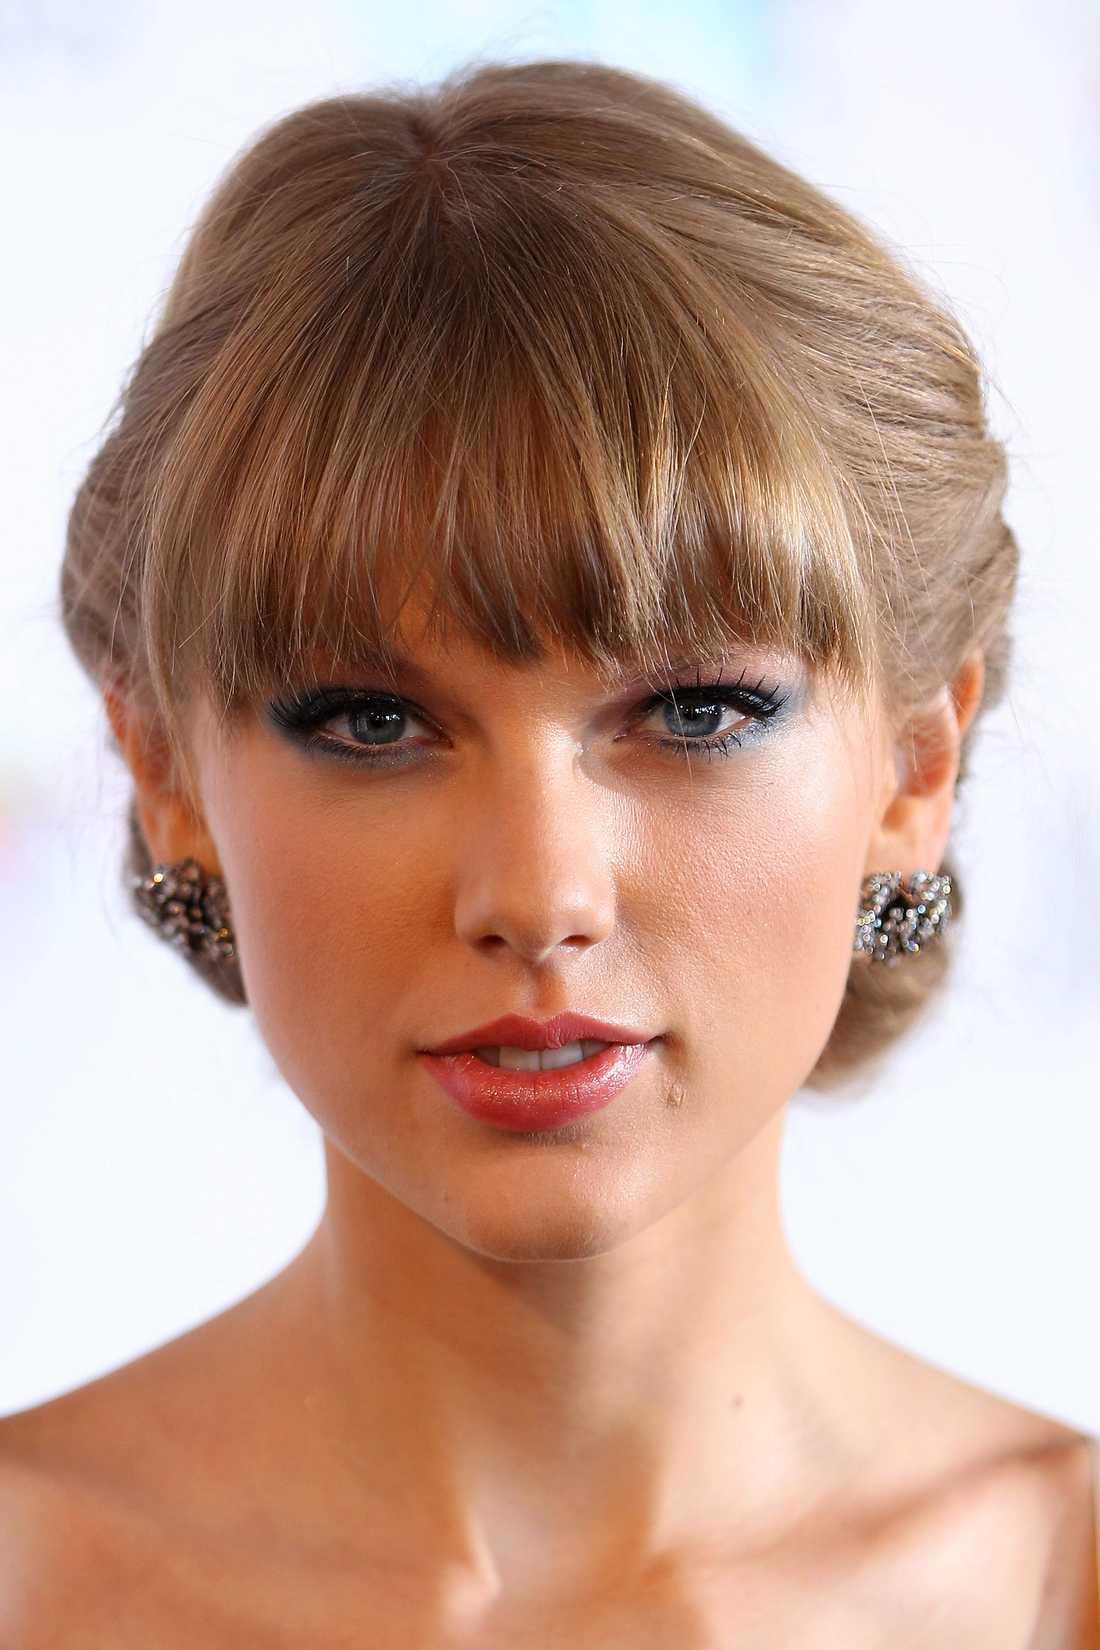 Harrys kärlek  Taylor Swift, supercountrystjärna, fick under den sena hälften av 2012 Harrys hjärta att bulta